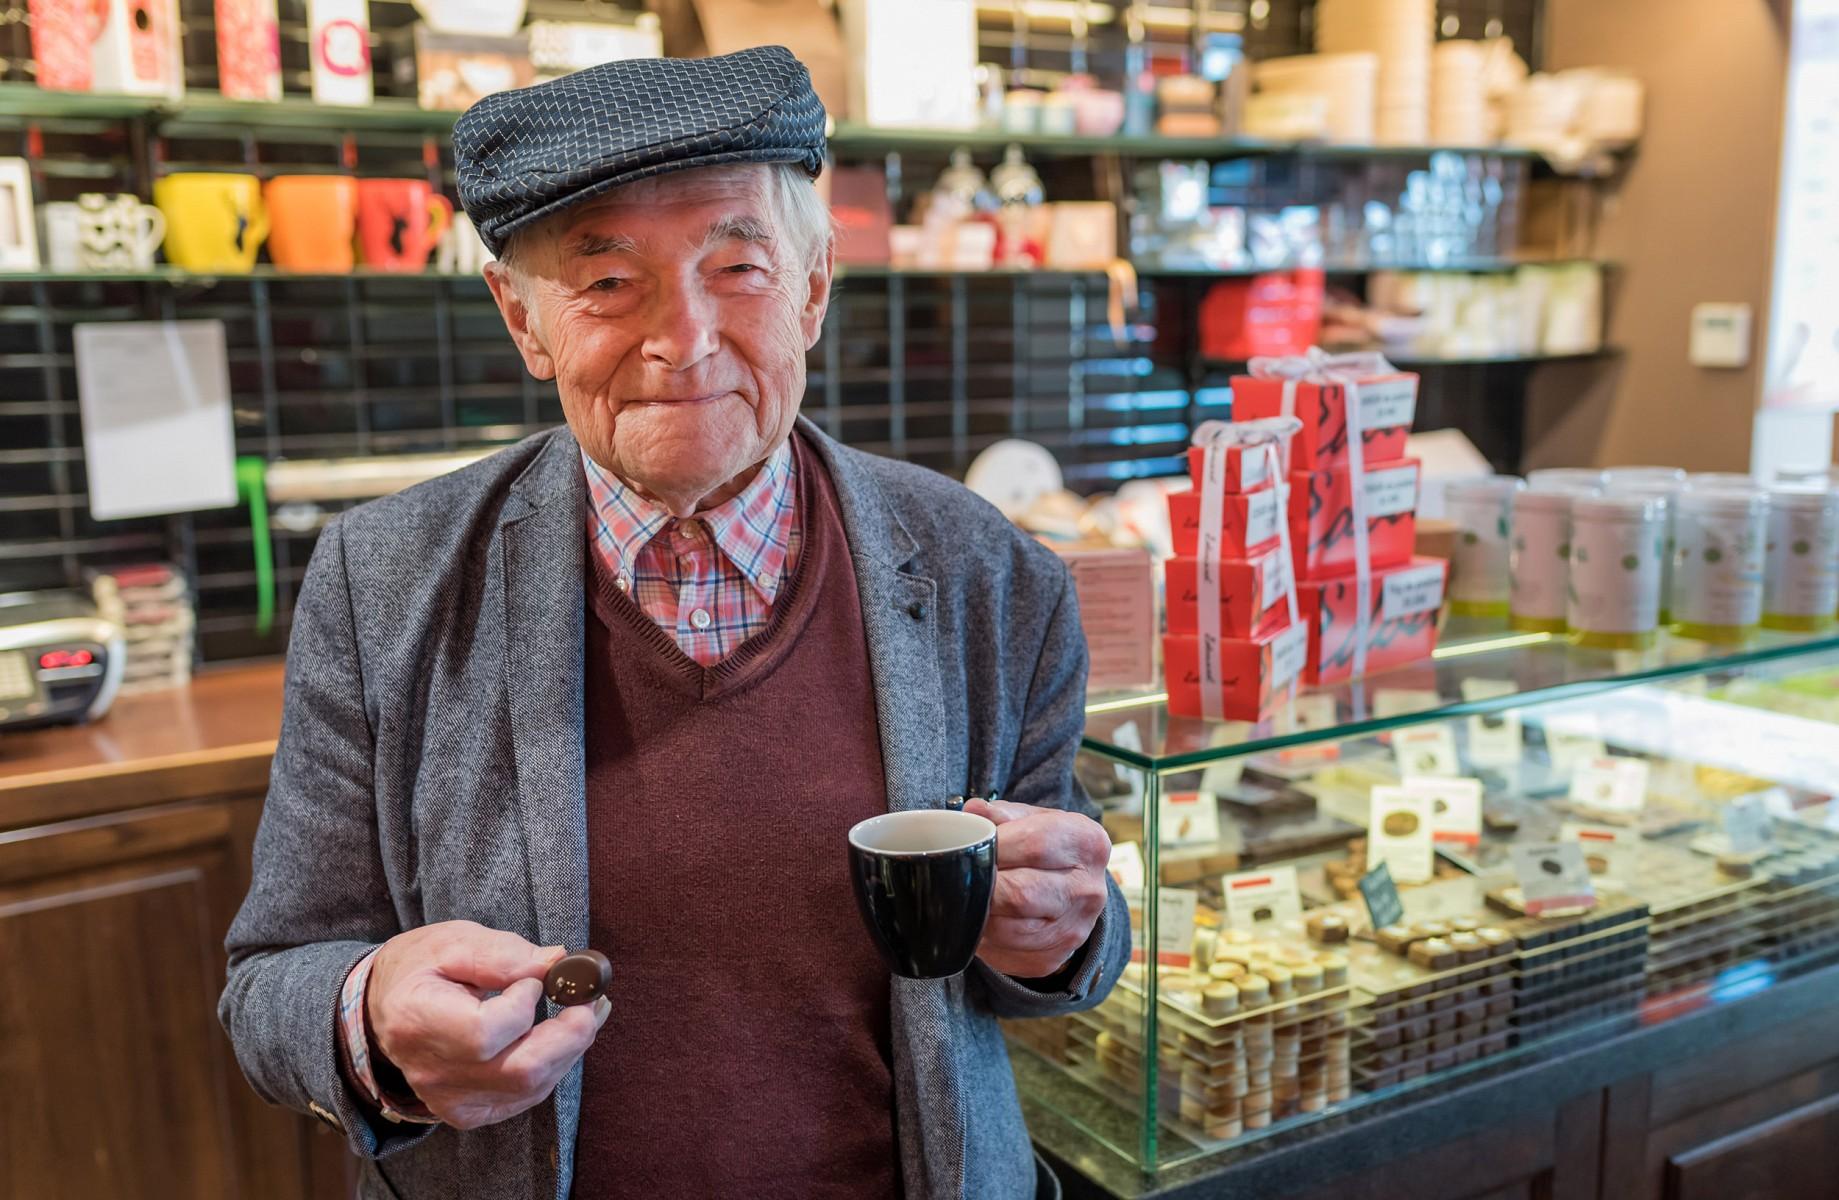 pUnweit-von-Chassepierre-in-Florenville-am-Dorfplatz-befindet-sich-eine-besondere-Quelle-des-GeschmacksnbspDie-Chocolatierskunst-von-Monsieur-Edouard-lockt-auch-die-Einheimischen-immer-wieder-in-das-Cafeacutebr-copy-Andreas-Pacekp